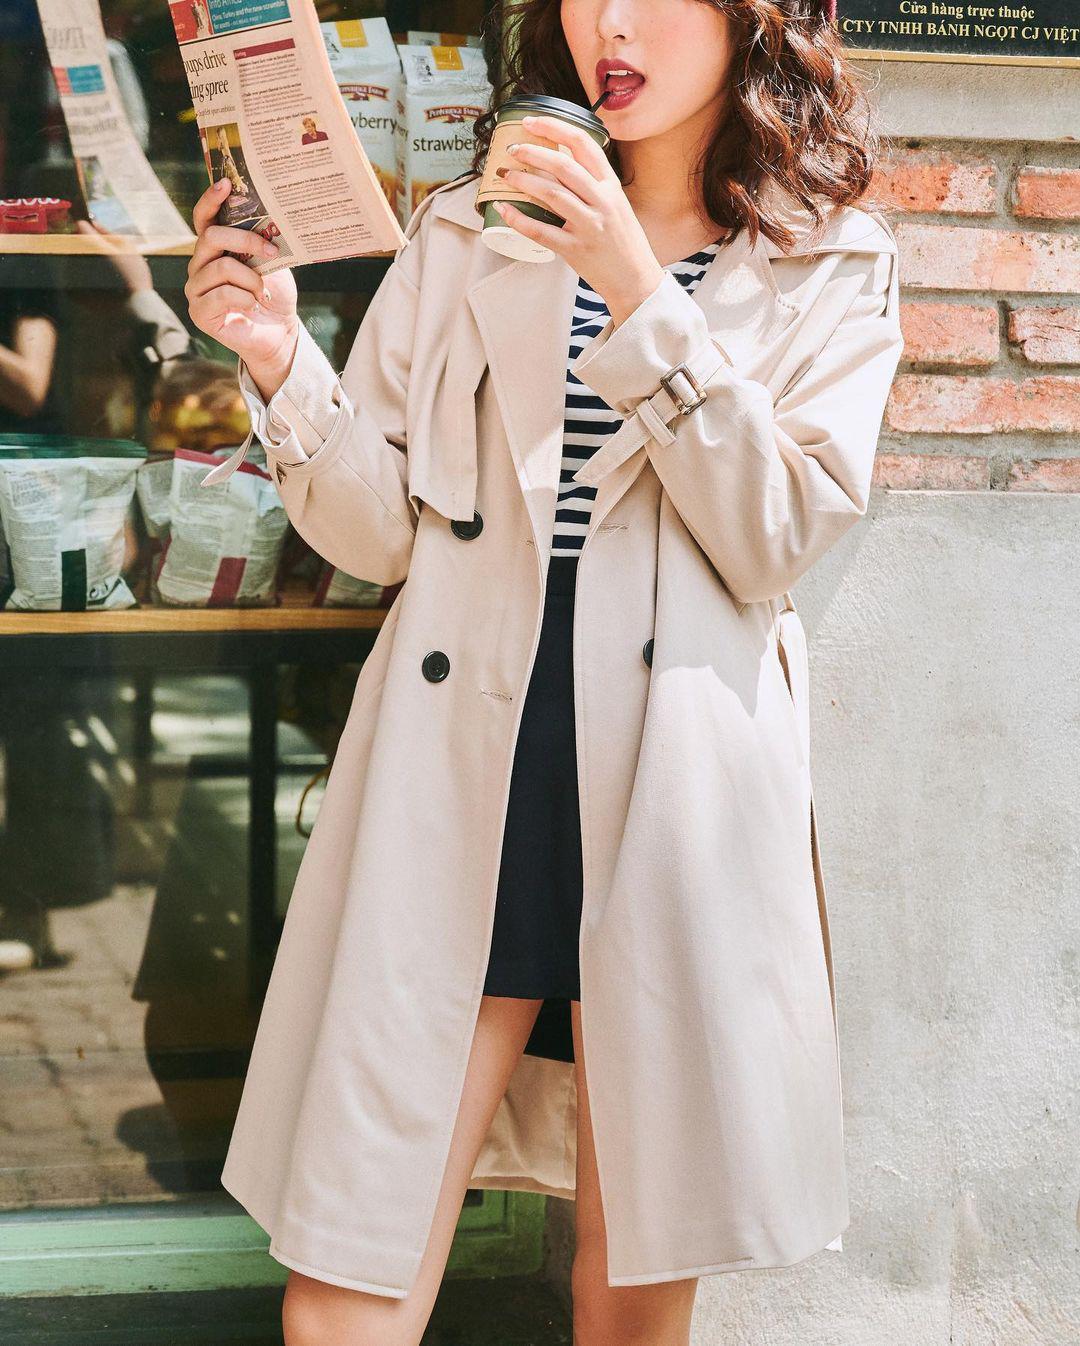 Sắm trench coat lúc này là đúng đắn nhất, lên đồ đơn giản cỡ nào cũng sang chảnh hay ho như gái Hàn - Ảnh 7.